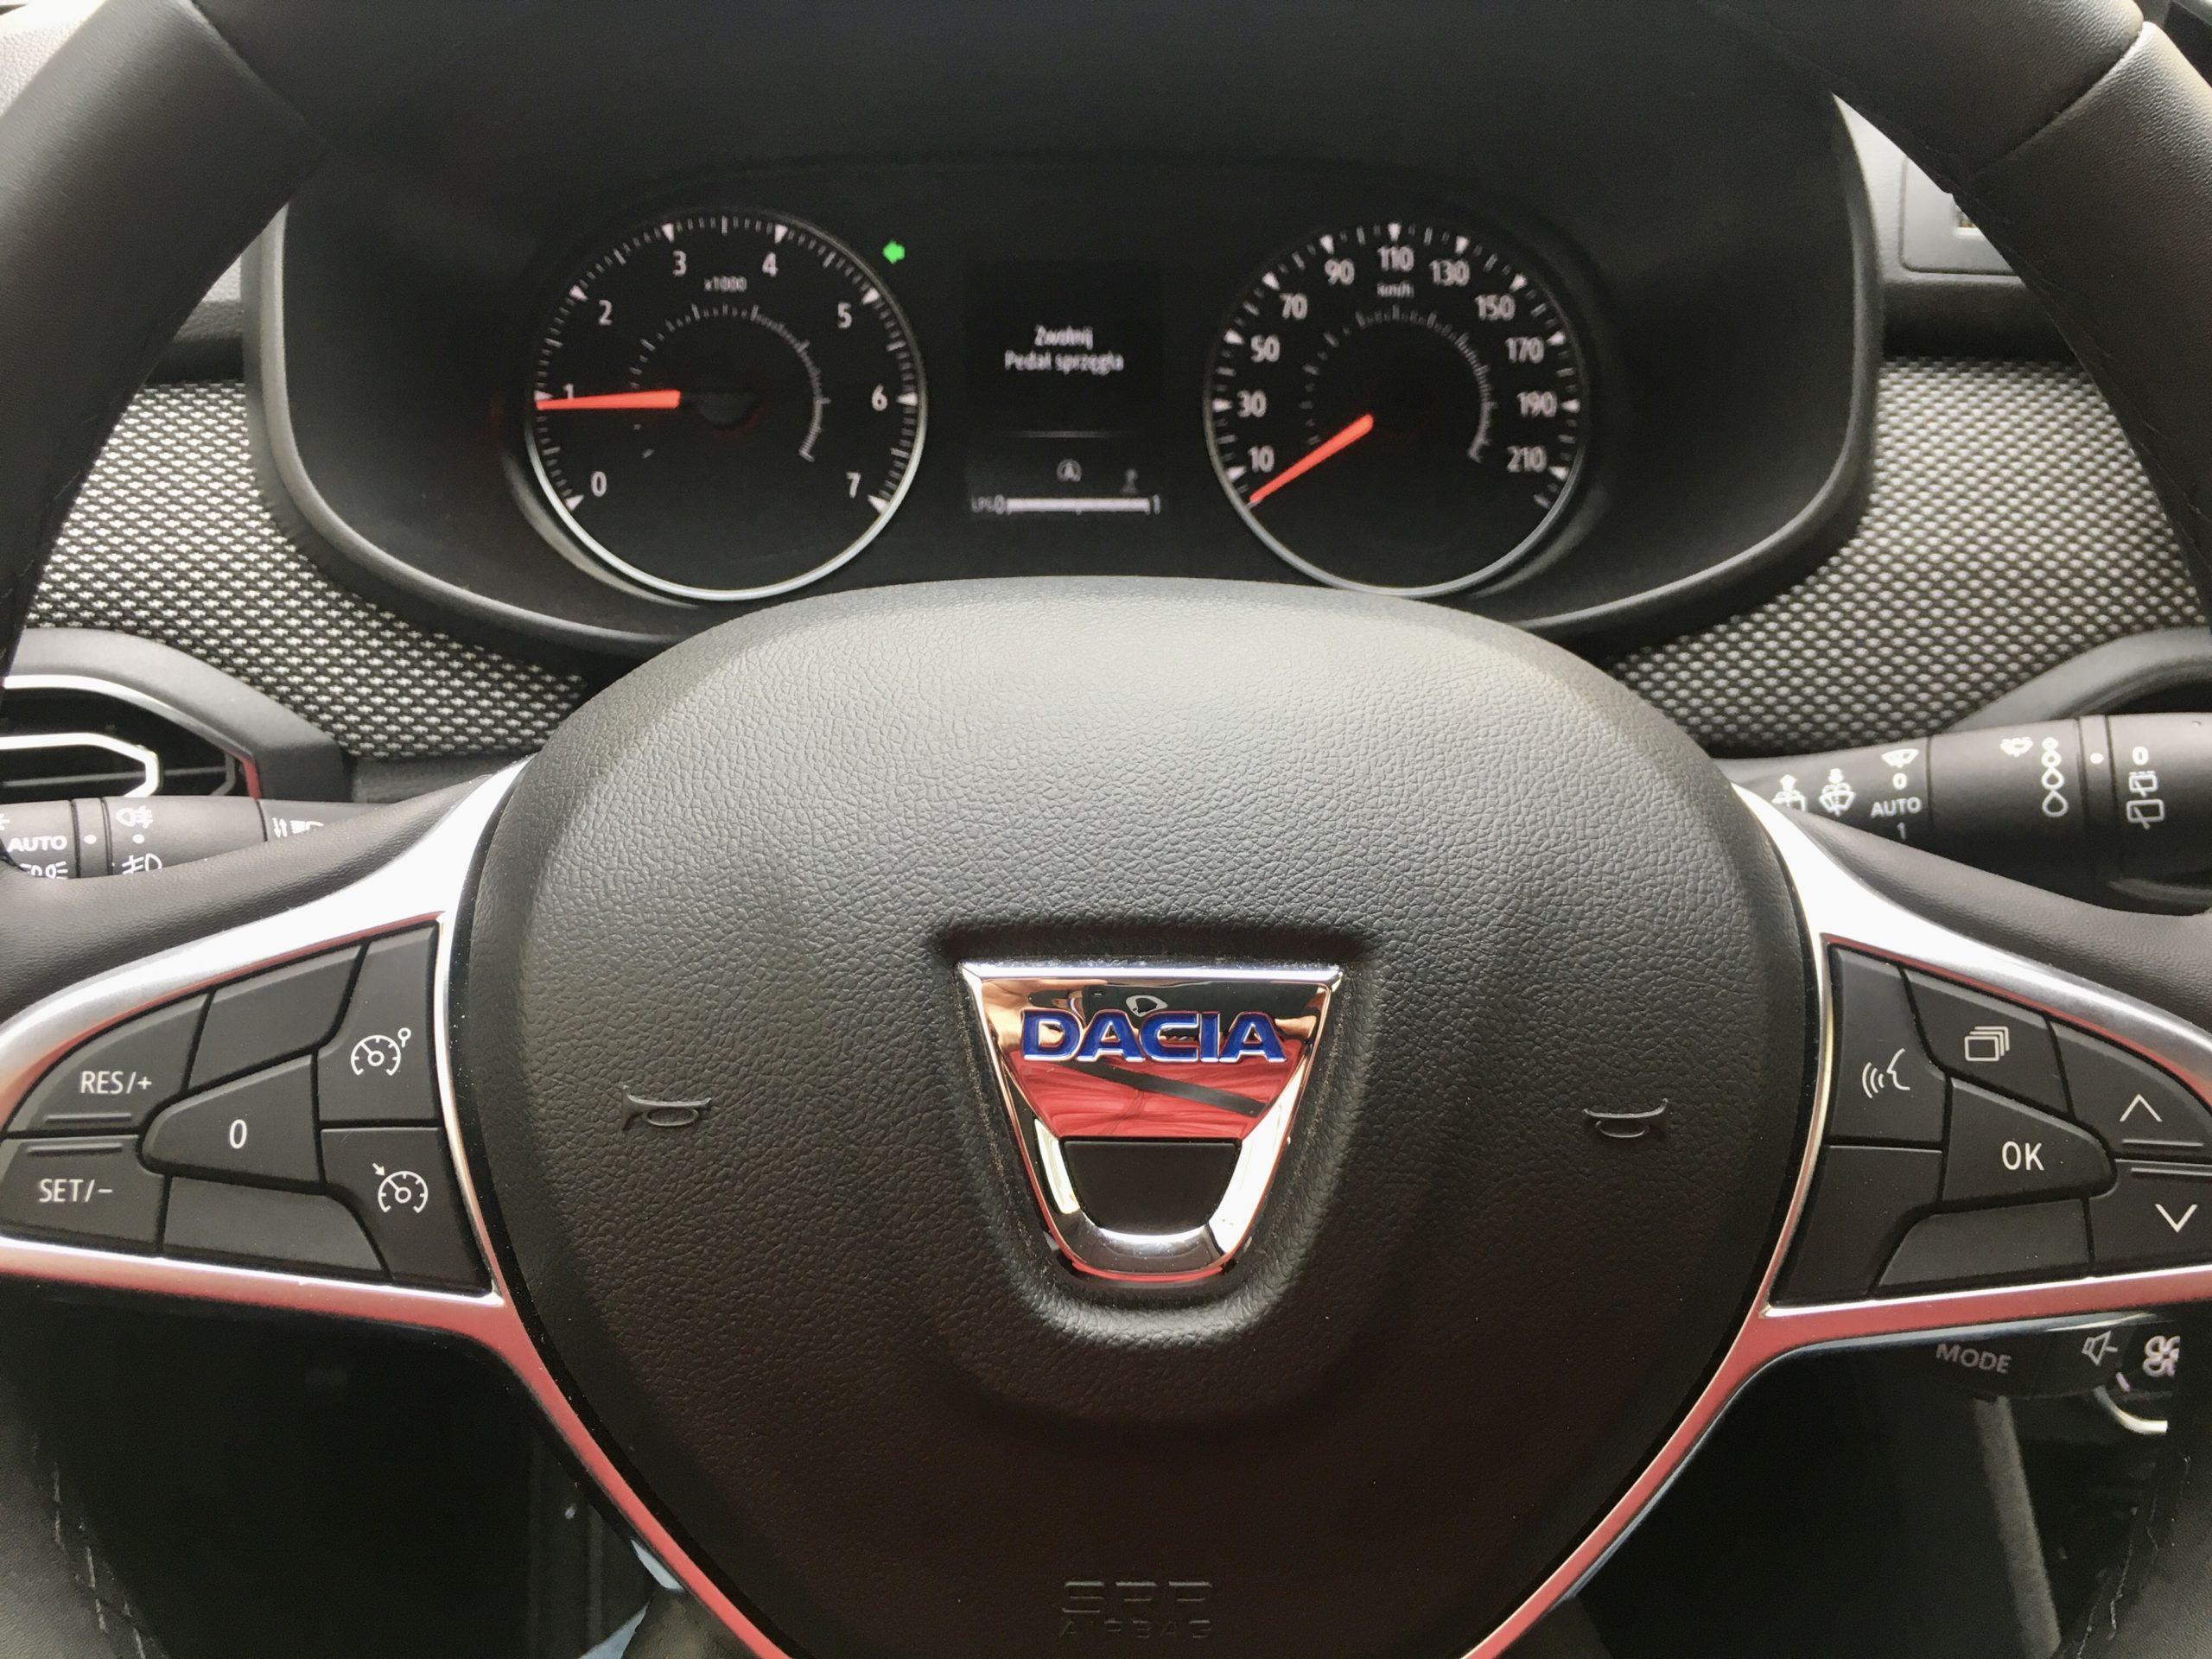 Kierowca Dacii ma przed sobą prostą tablicę wskaźników